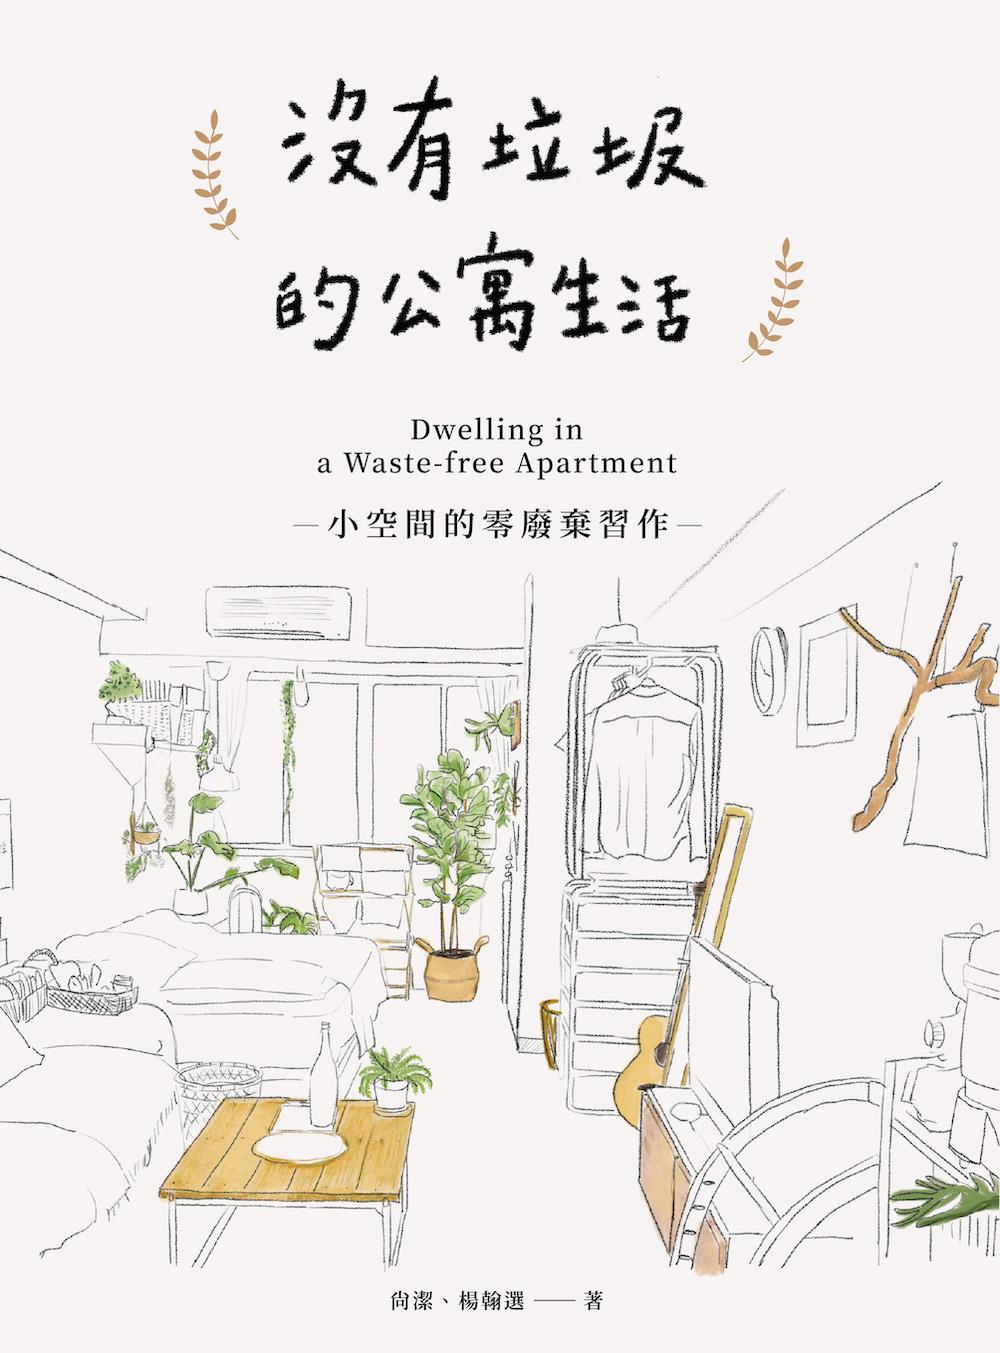 沒有垃圾的公寓生活:小空間的零廢棄習作 (電子書)